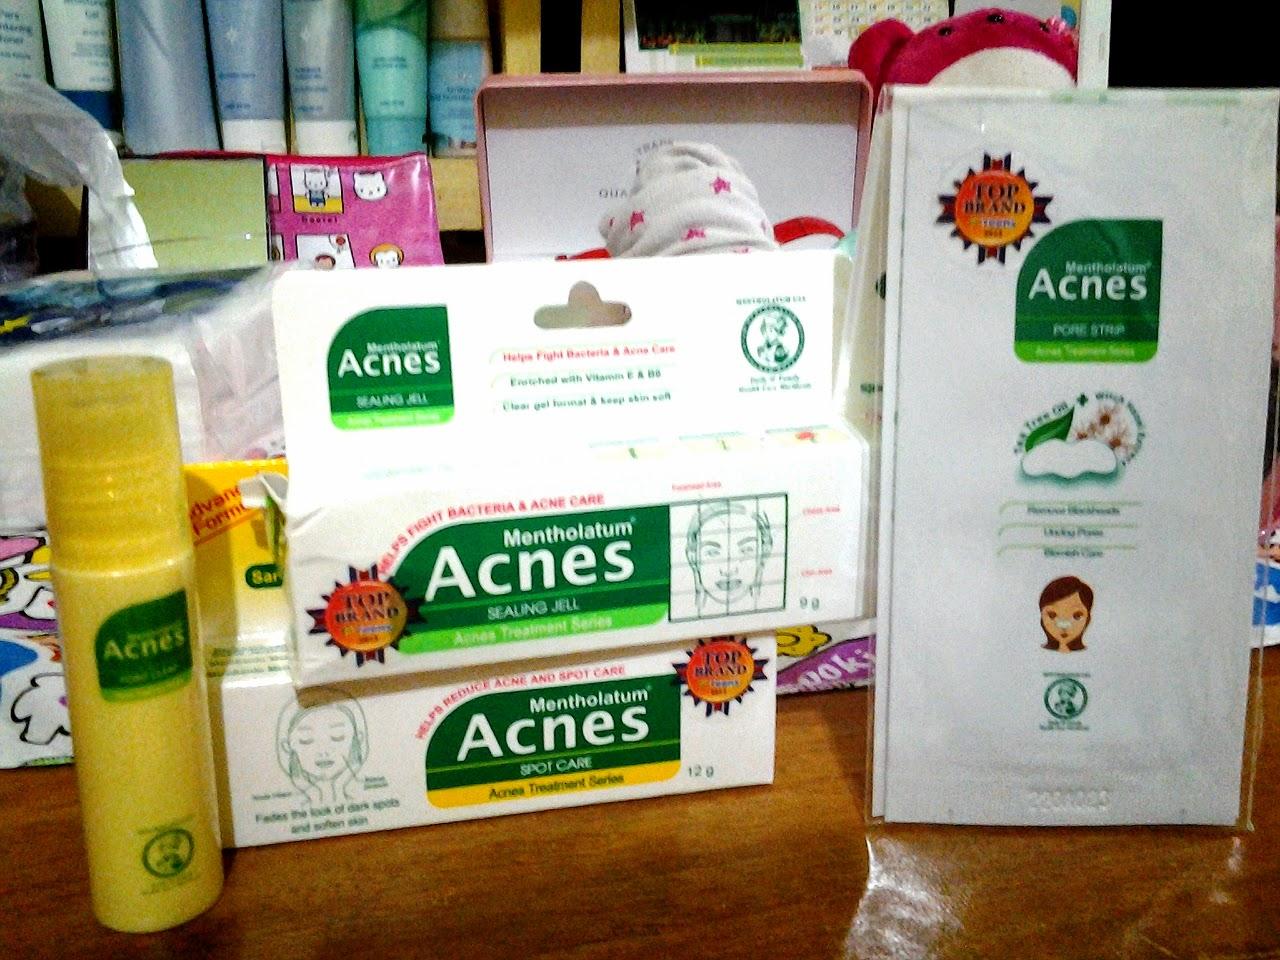 An Najm Review Produk Skincare Acnes Spot Care Obat Jerawat Treatment Series Dan Akhirnya Gue Beli Skin Wardah Acne Cleansing Gel Gentle Scrub Pore Tightening Toner Moisturizer Selama Pemakaian